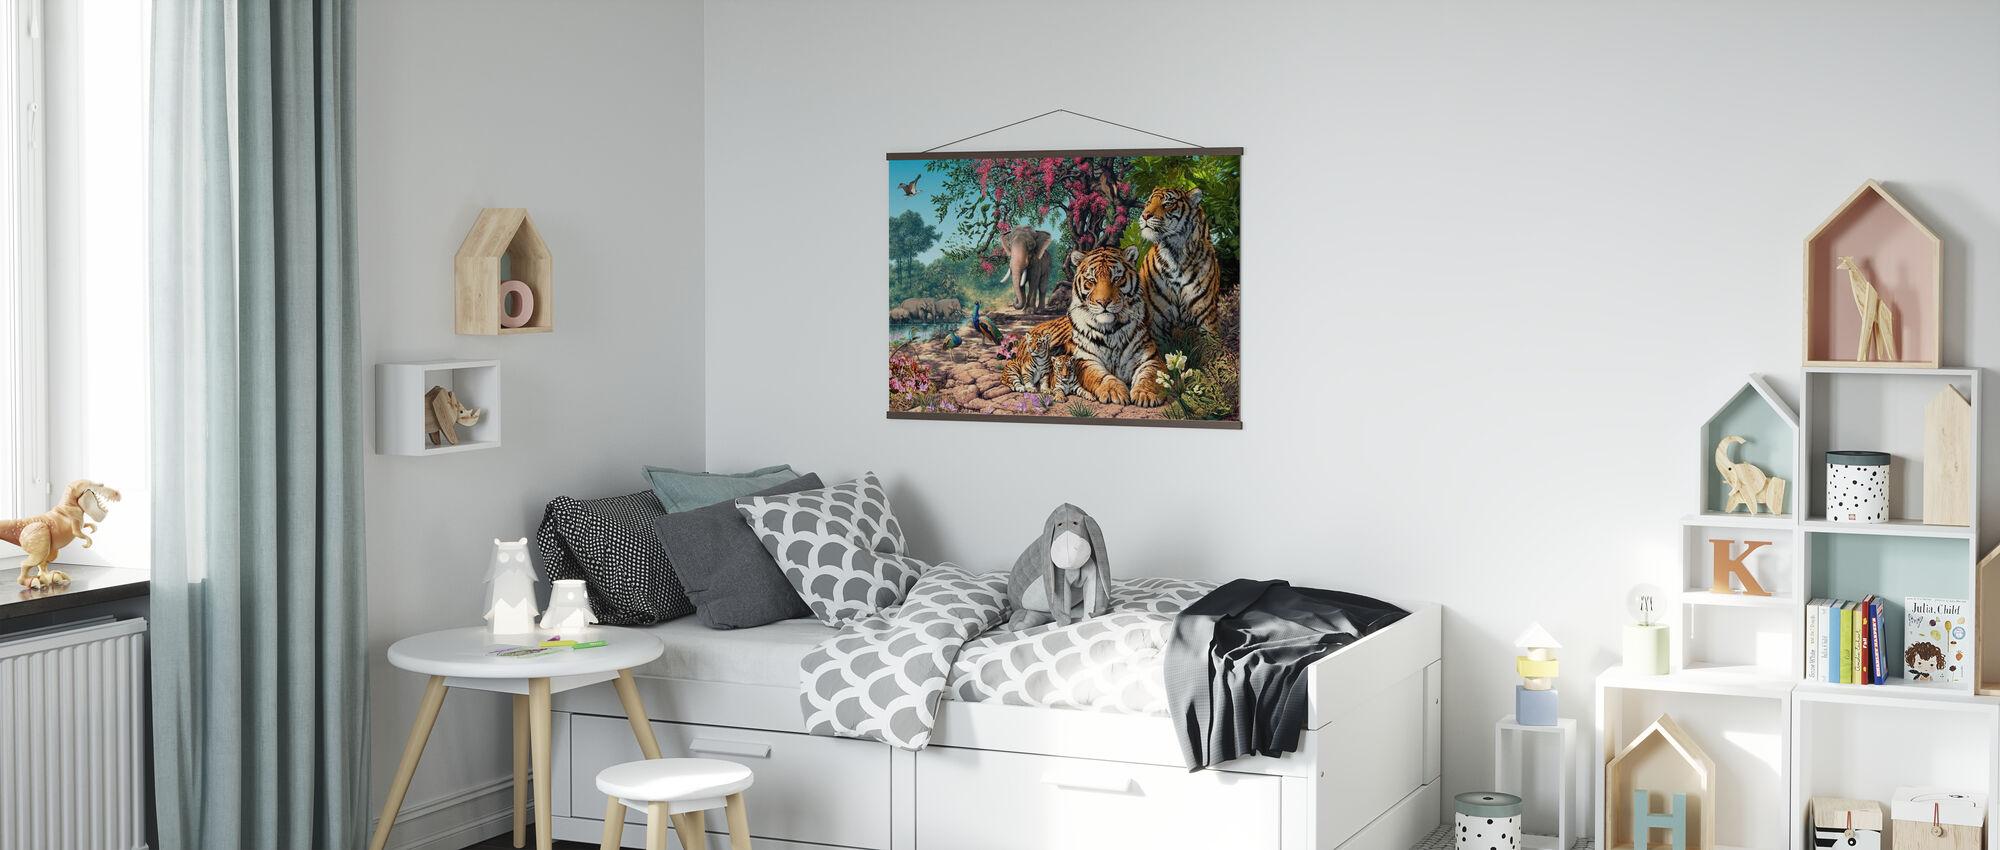 Santuario della tigre - Poster - Camera dei bambini